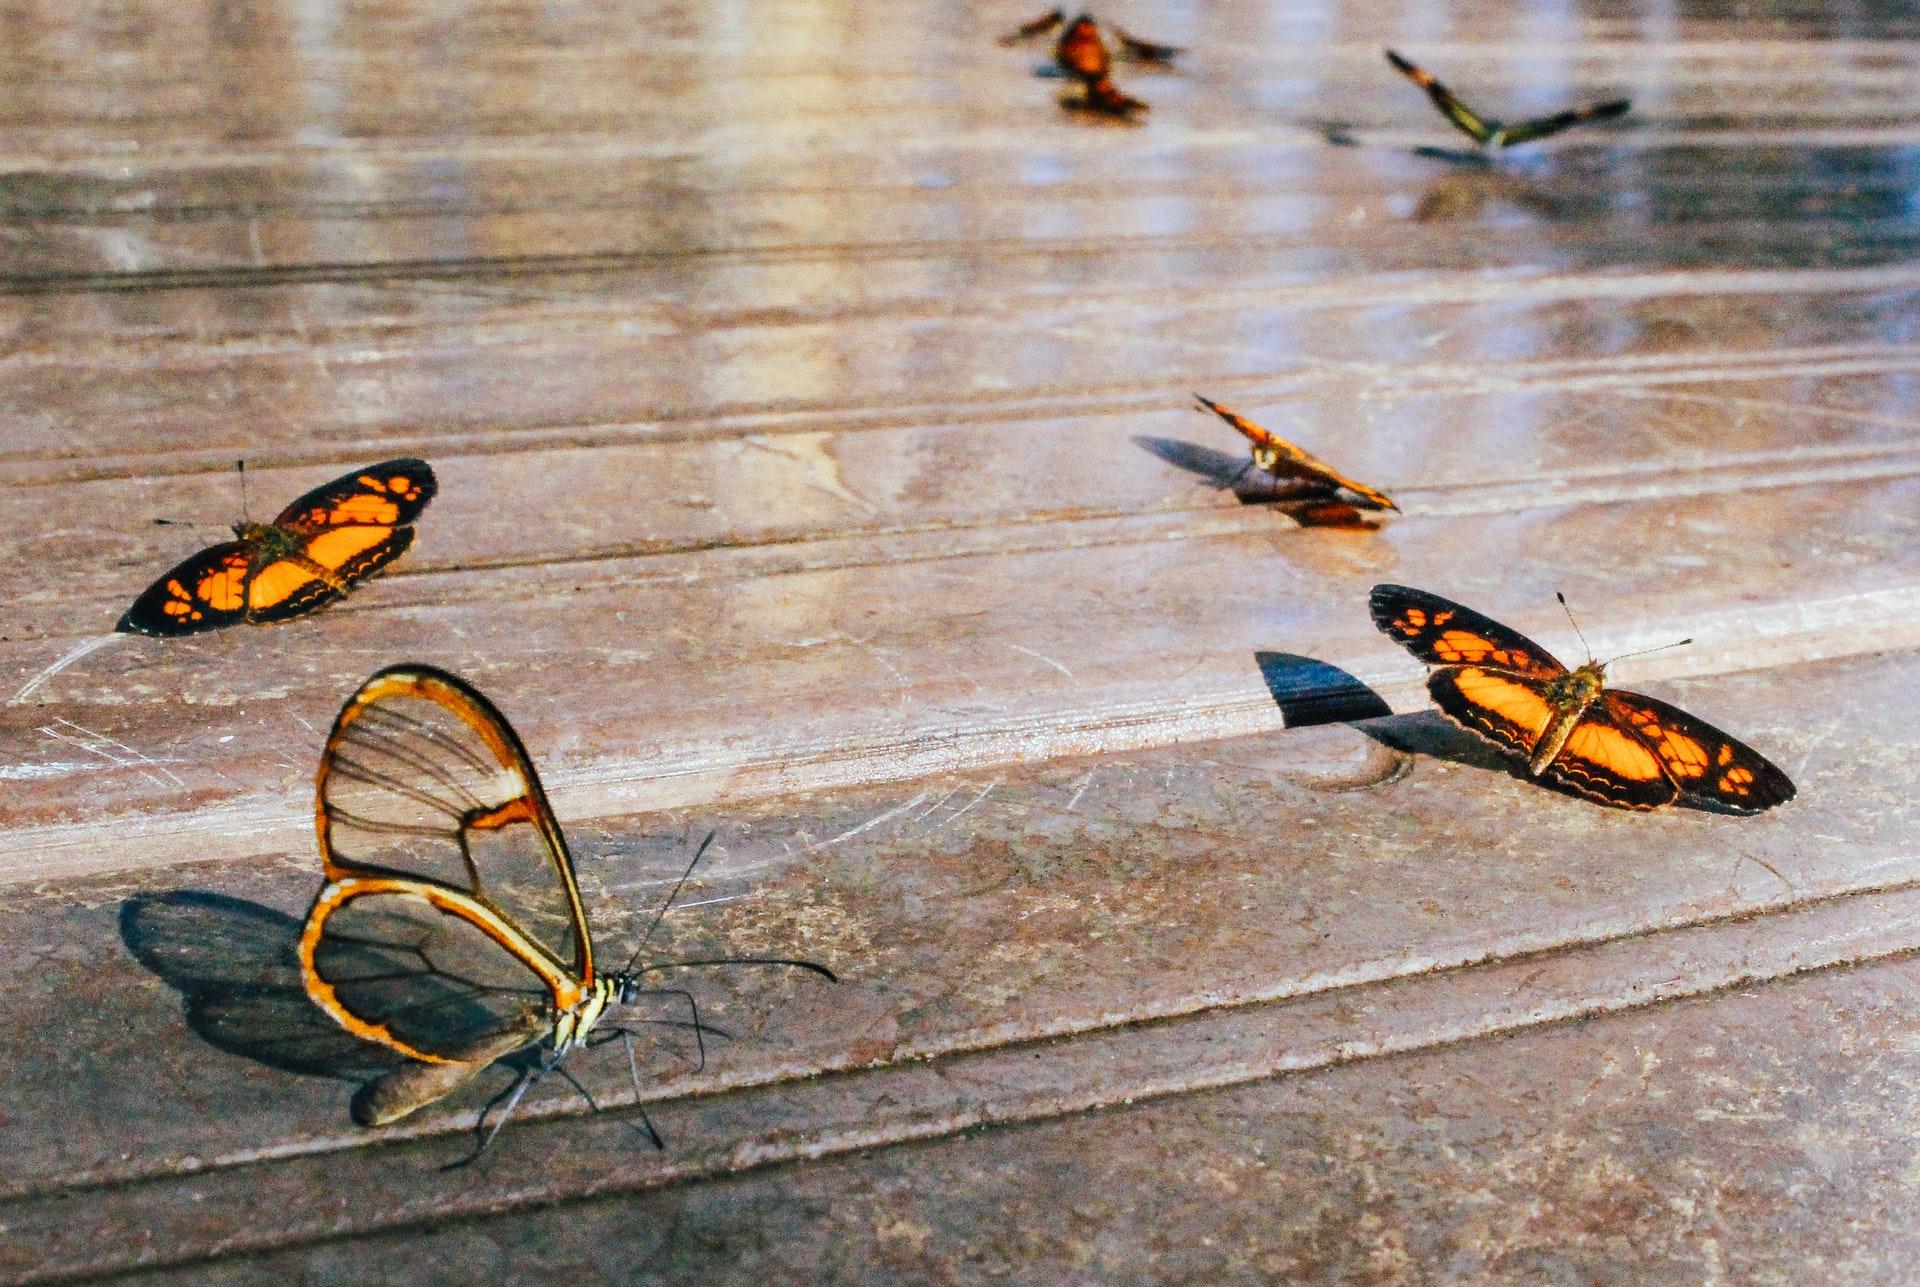 Норвежские ученые назвали схожими обоняние человека и насекомых